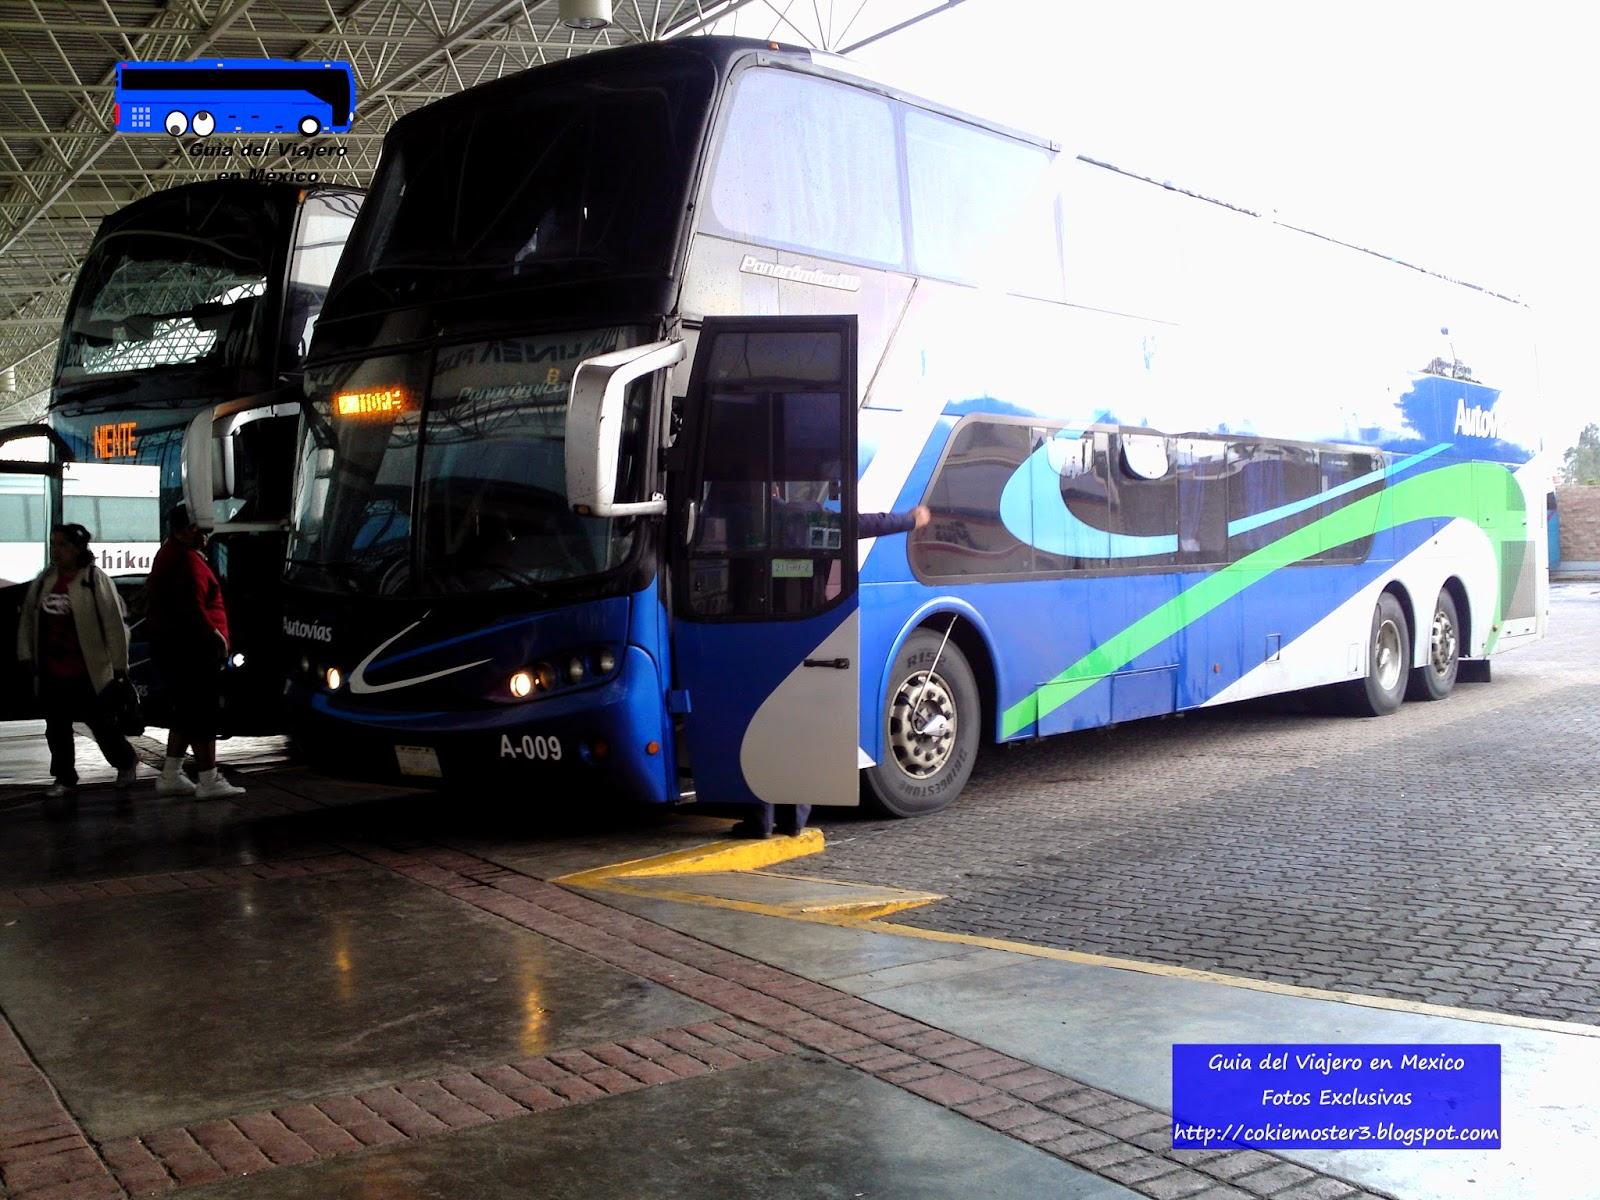 Gu a del viajero en m xico los autobuses doble piso en m xico - Autobuses de dos pisos ...